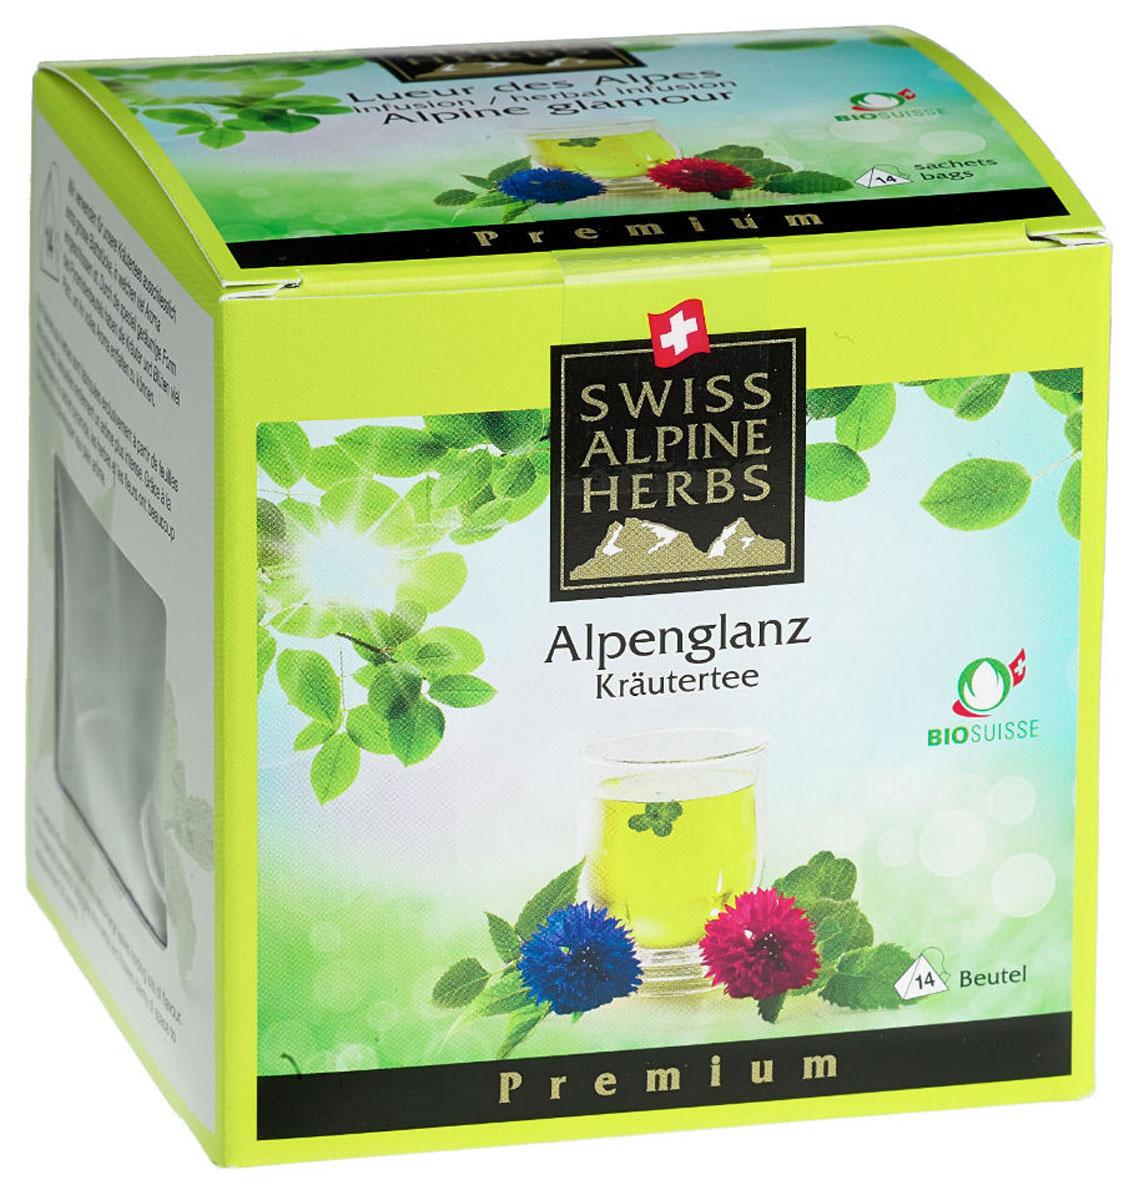 Swiss Alpine Herbs Альпийский гламур травяной чай в пакетиках, 14 штS8019Элитный чай в пирамидках Swiss Alpine Herbs – это вкусный, бодрящий и тонизирующий напиток. В его состав входят альпийские травы: мелисса, марокканская мята, апельсиновая мята, яблочная мята, монарда двойчатая, цветки василька голубого и красного. Это не просто вкусный, но и очень полезный чай, который обеспечит ваш организм необходимыми витаминами.